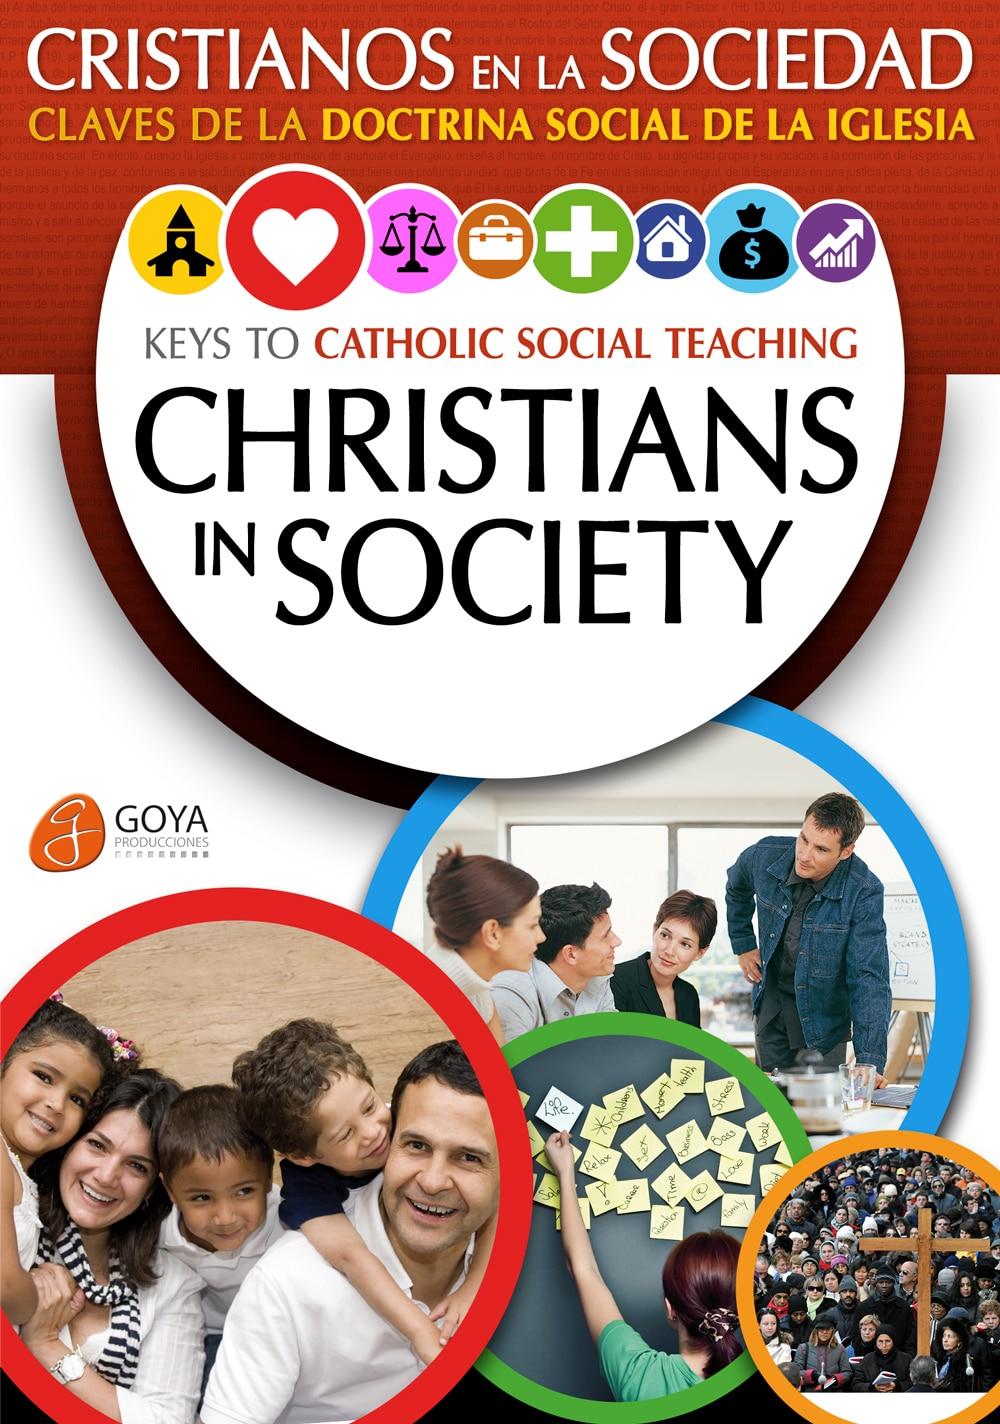 Cristianos en la sociedad